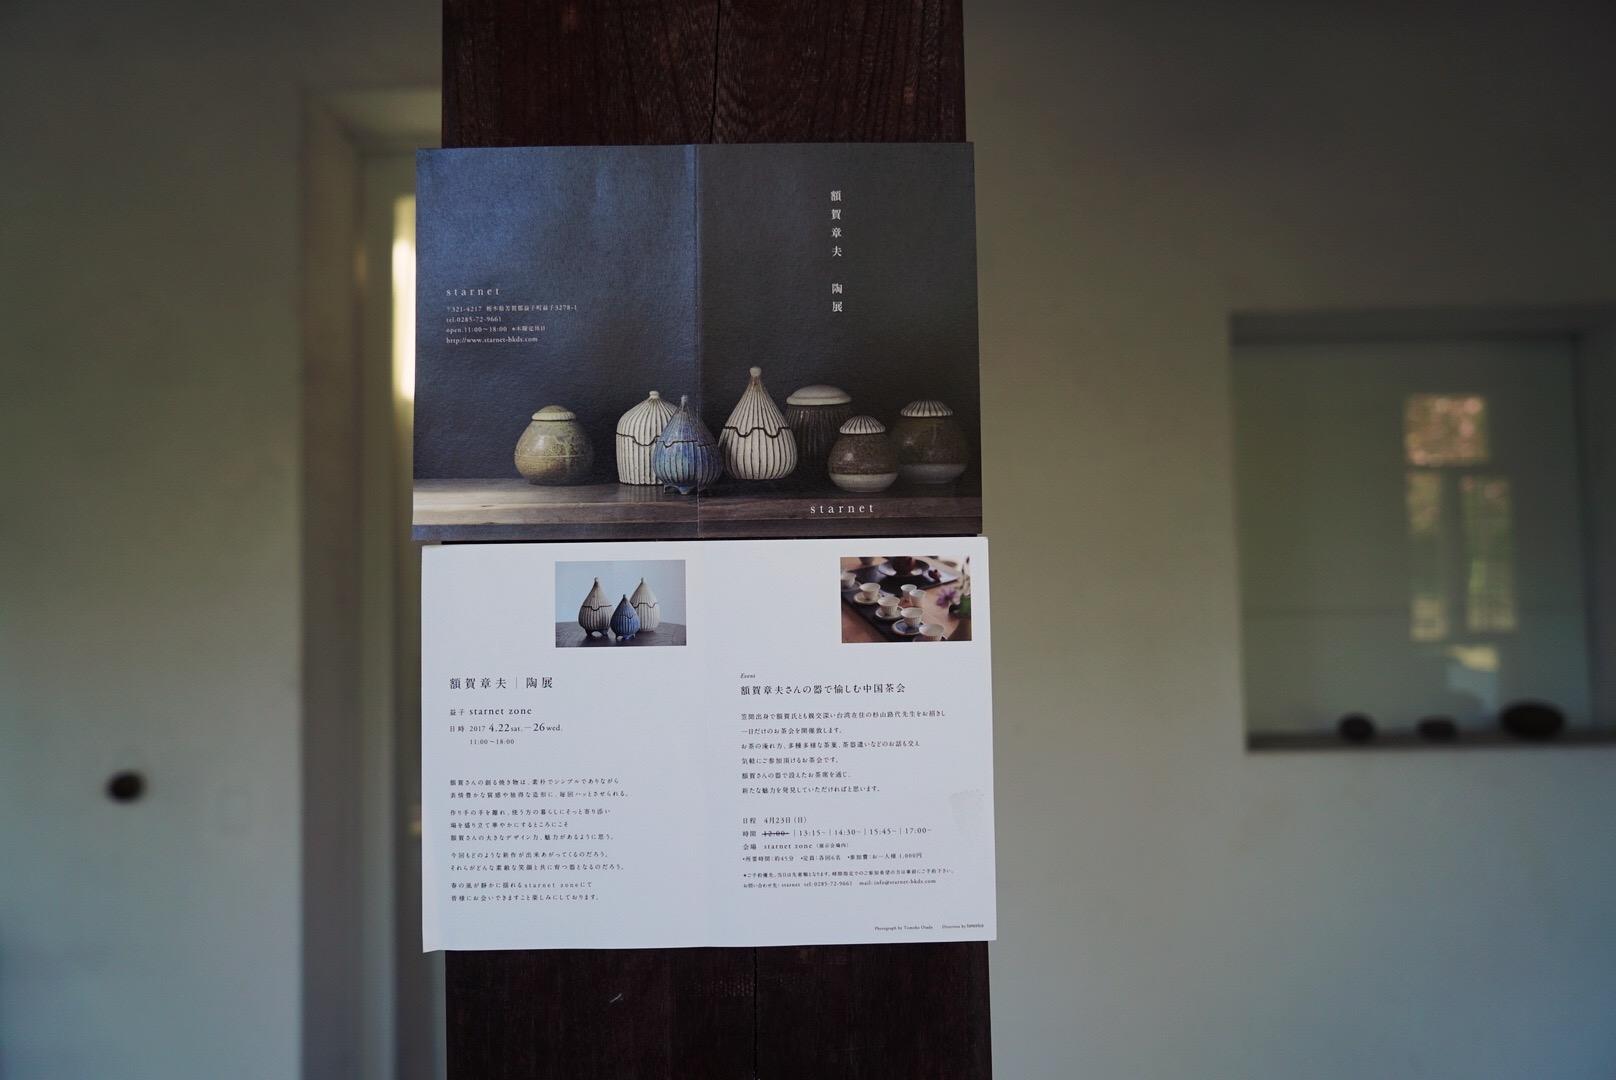 栃木県益子町 洗練と生活のあいだにあるお店 starnet(スターネット)と 時空図書博物館 「TONERICO」